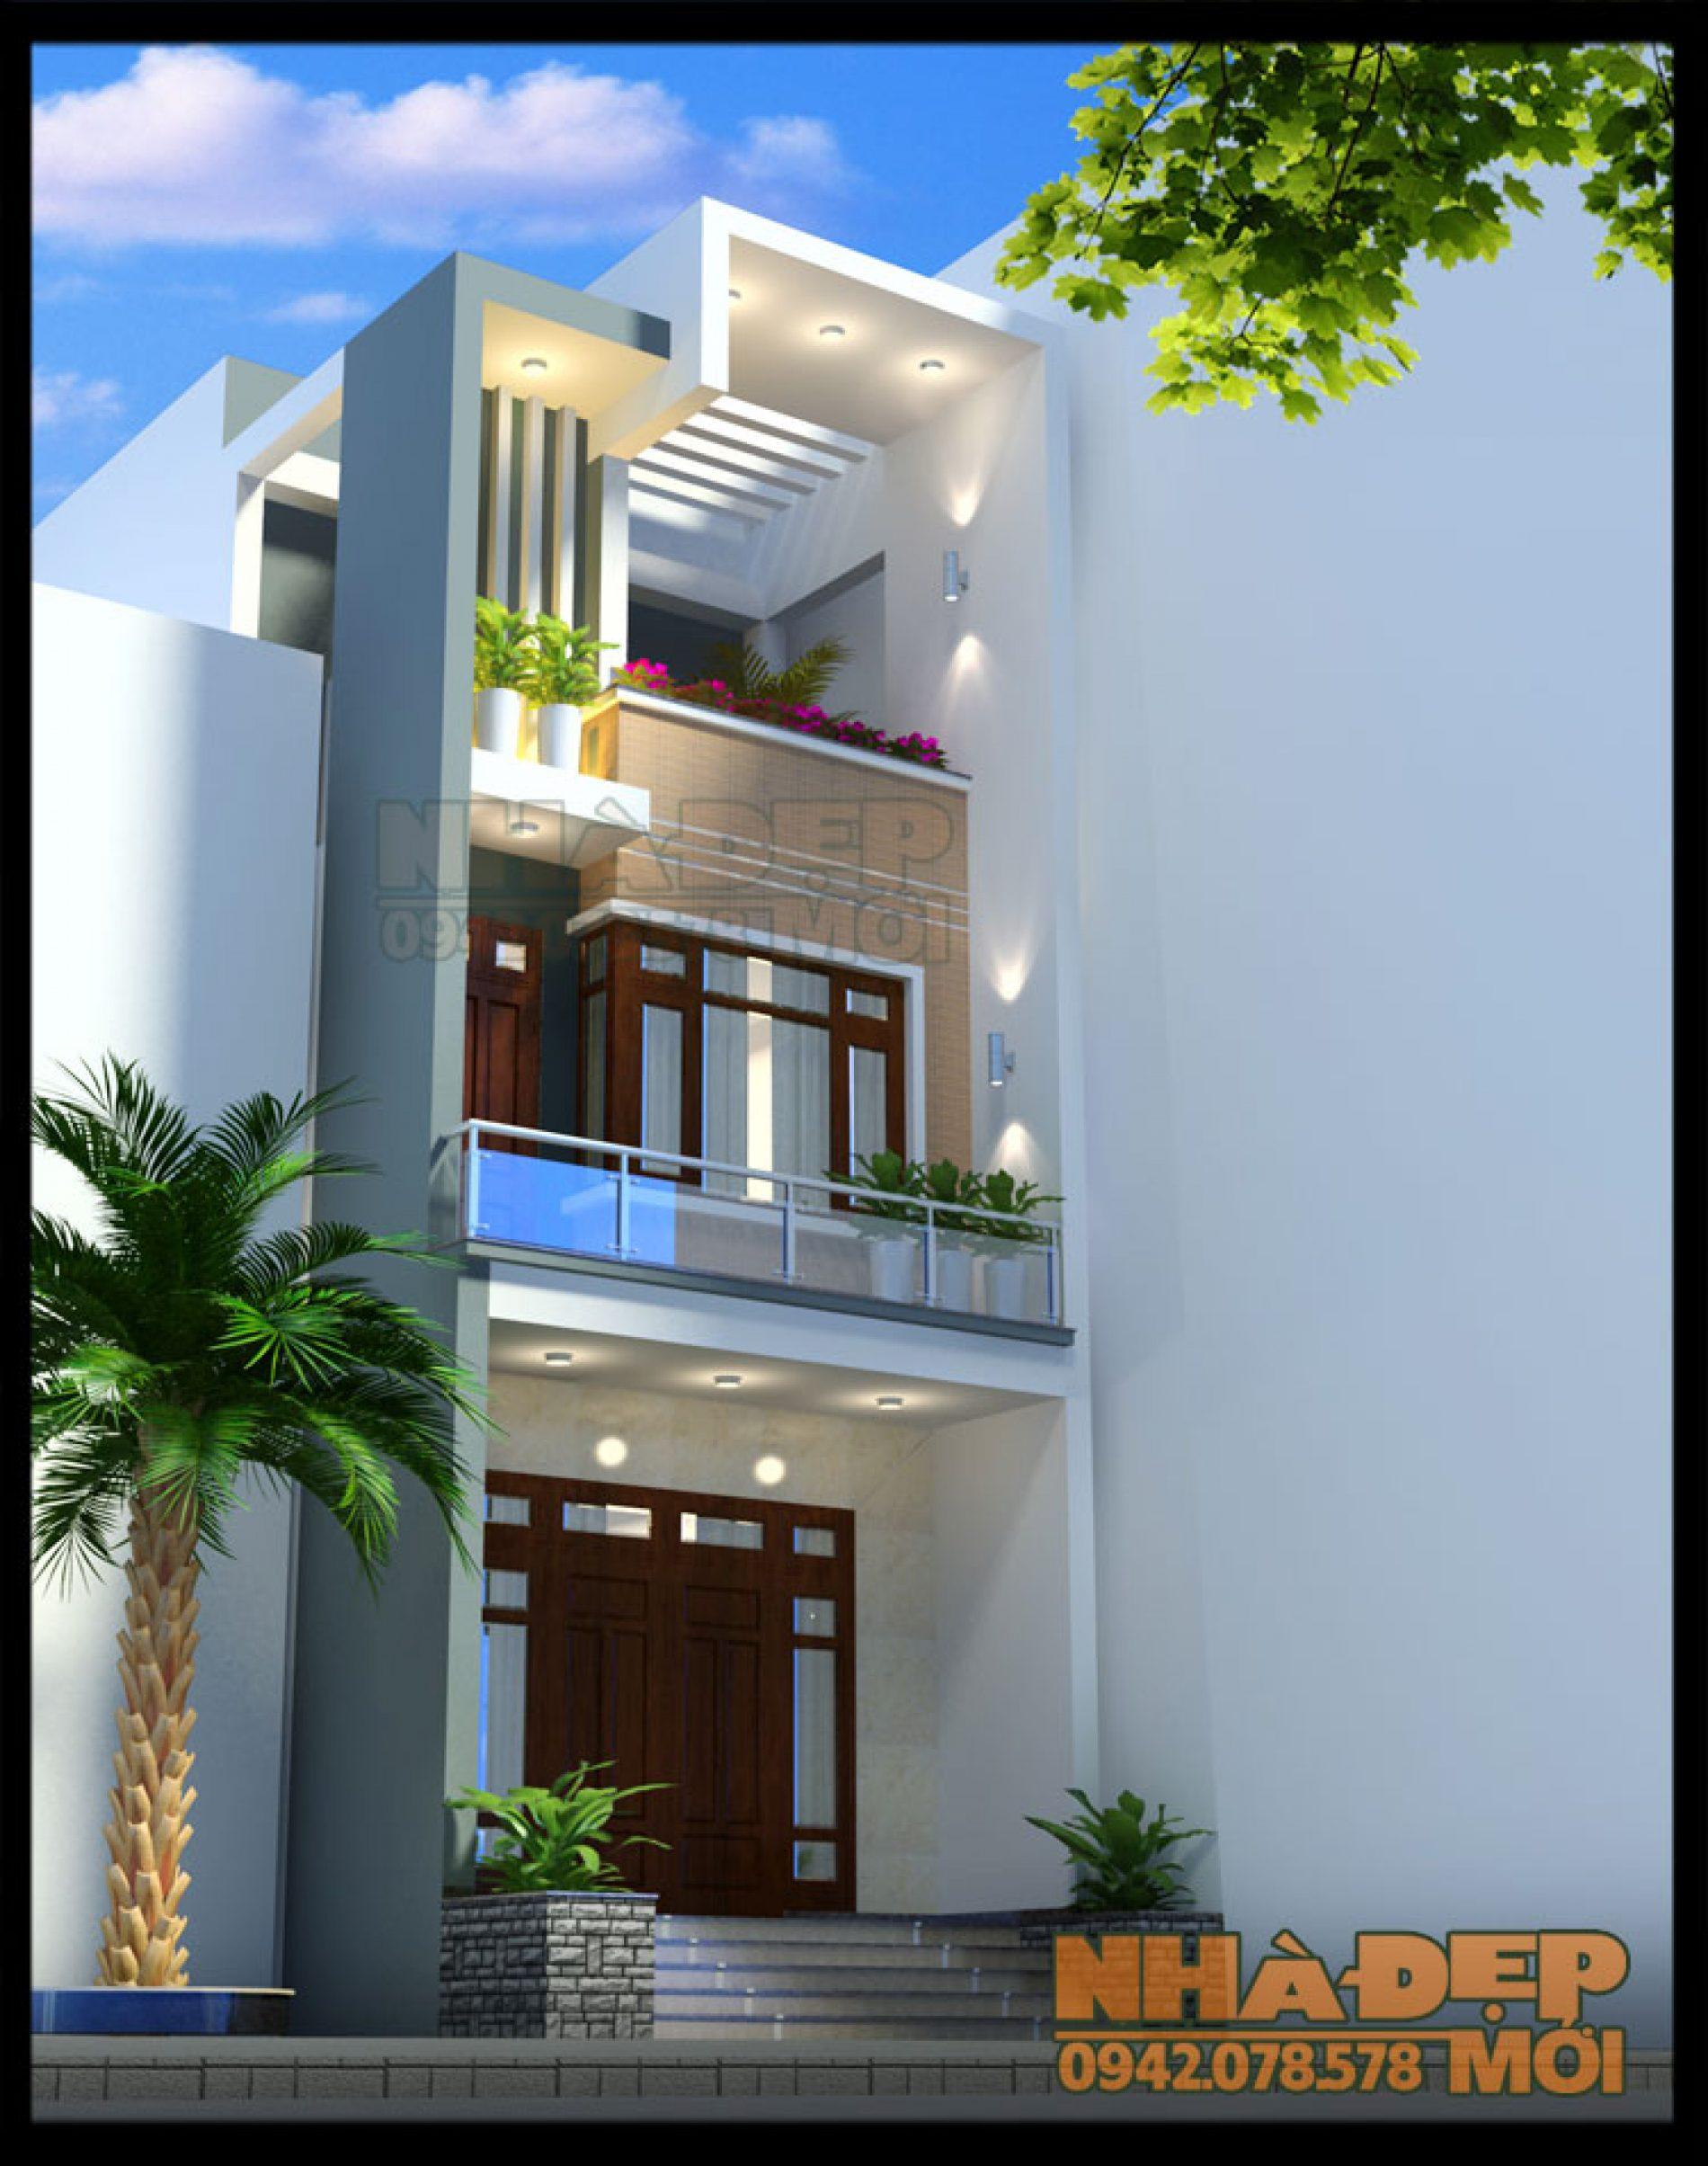 Mẫu thiết kế mặt tiền nhà phố 5m 3 tầng có giếng trời đơn giản mà đẹp tại Khoái Châu-Hưng Yên-VNP240417